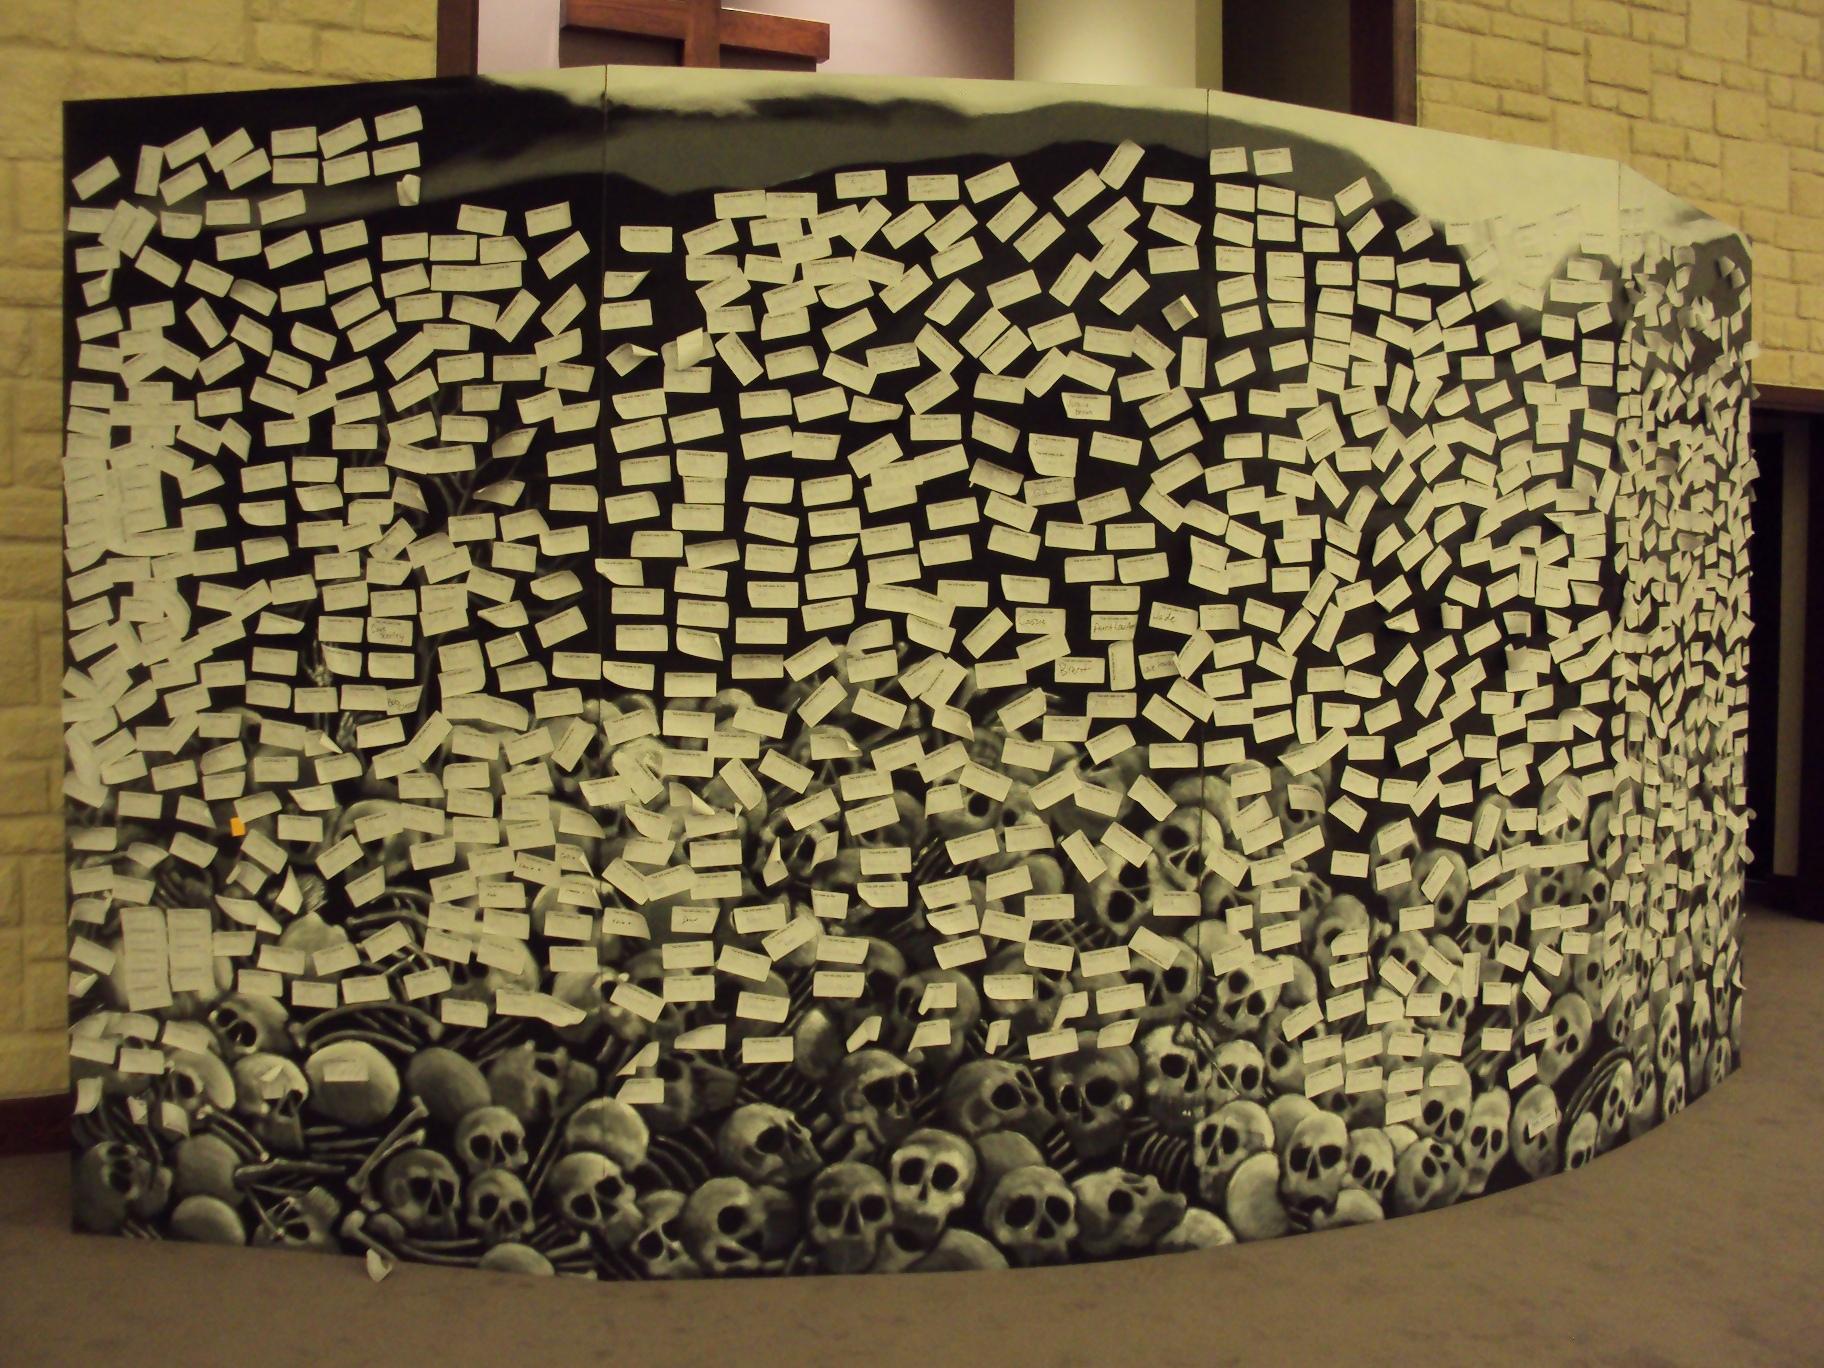 More than 5,000 names